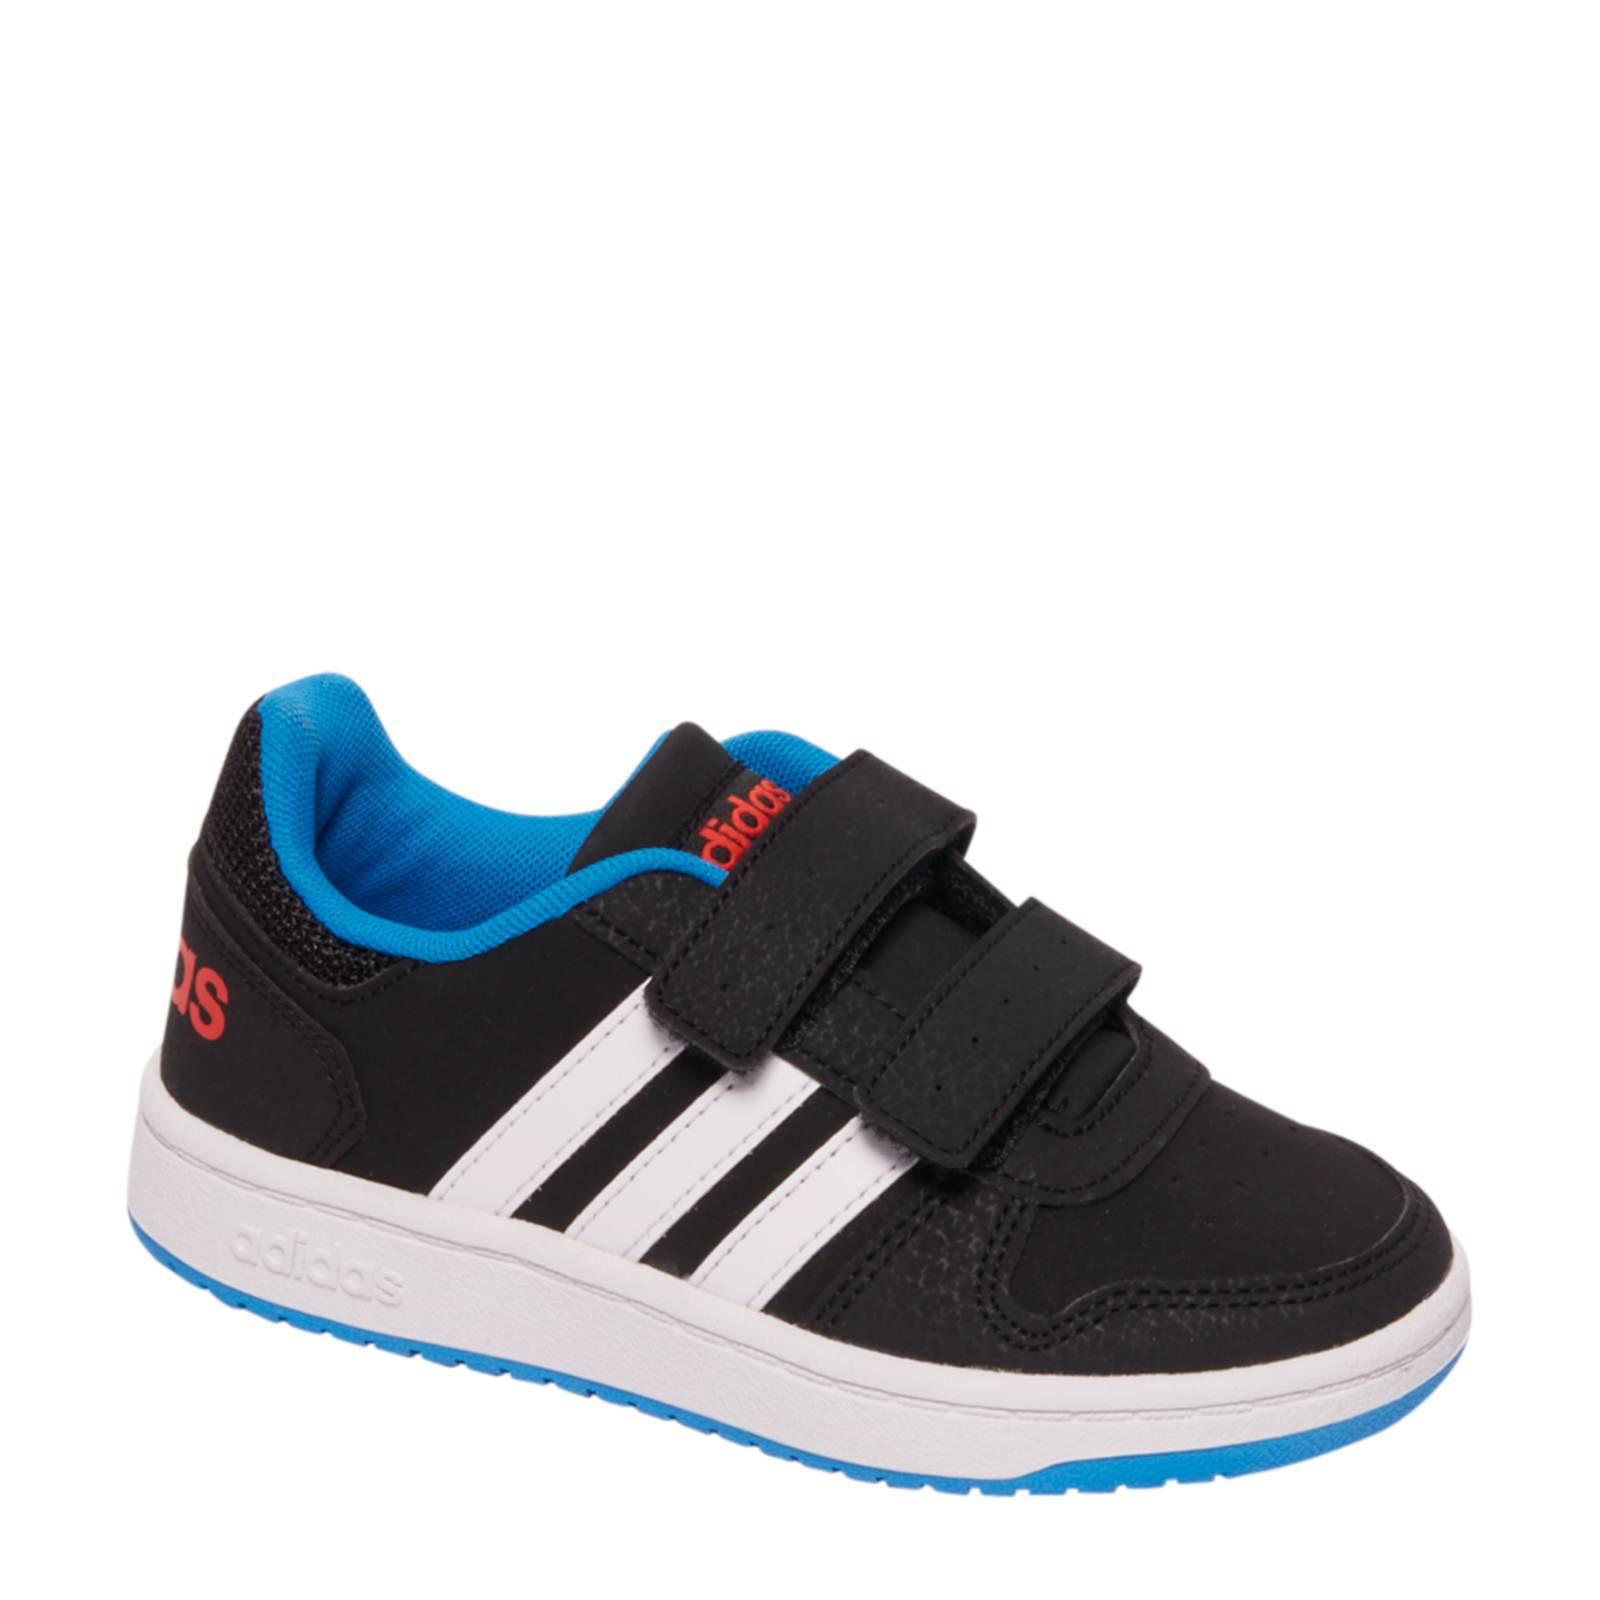 adidas schoenen zwart blauw